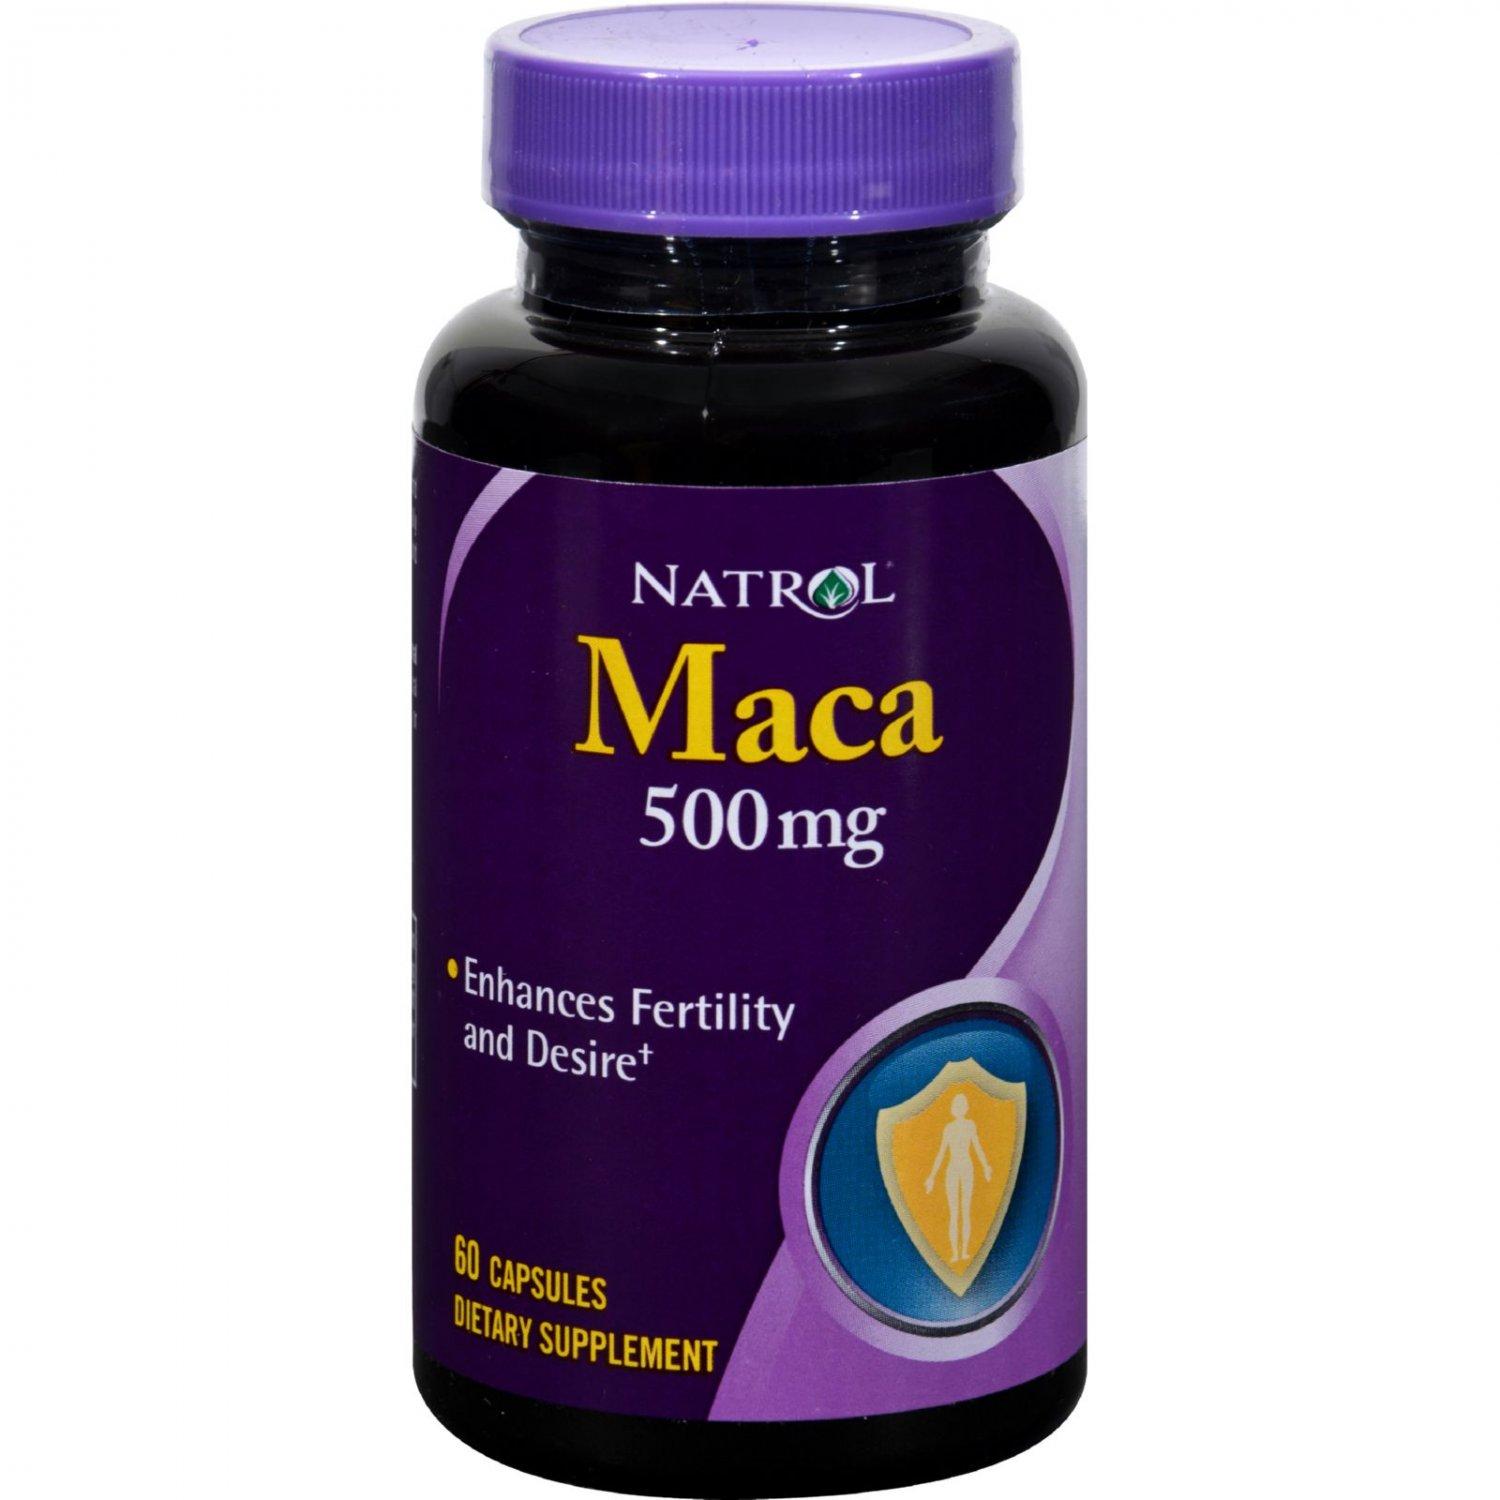 Natrol Maca - 500 mg - 60 Capsules